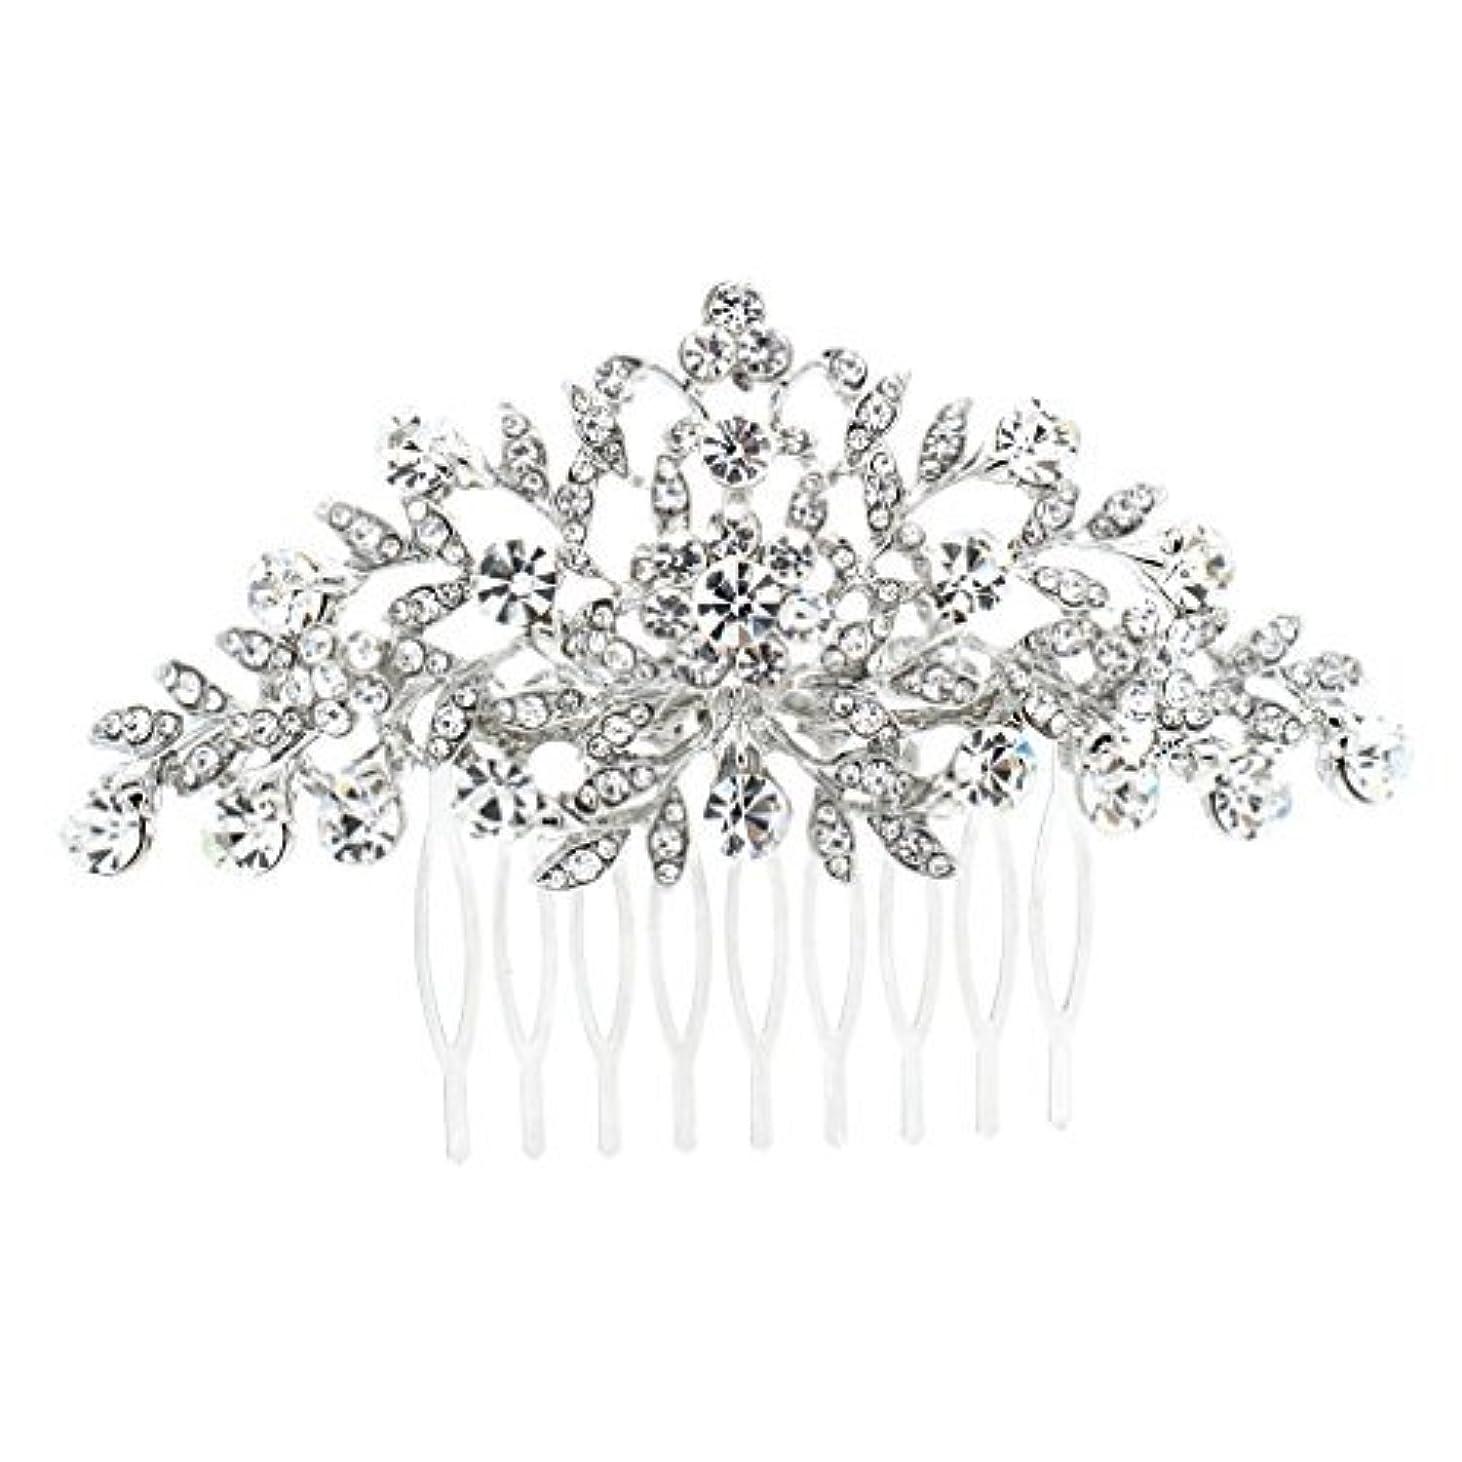 口述アフリカ年次SEPBRDIALS Rhinestone Crystal Hair Comb Pins Women Wedding Hair Jewelry Accessories FA2944 (Silver) [並行輸入品]